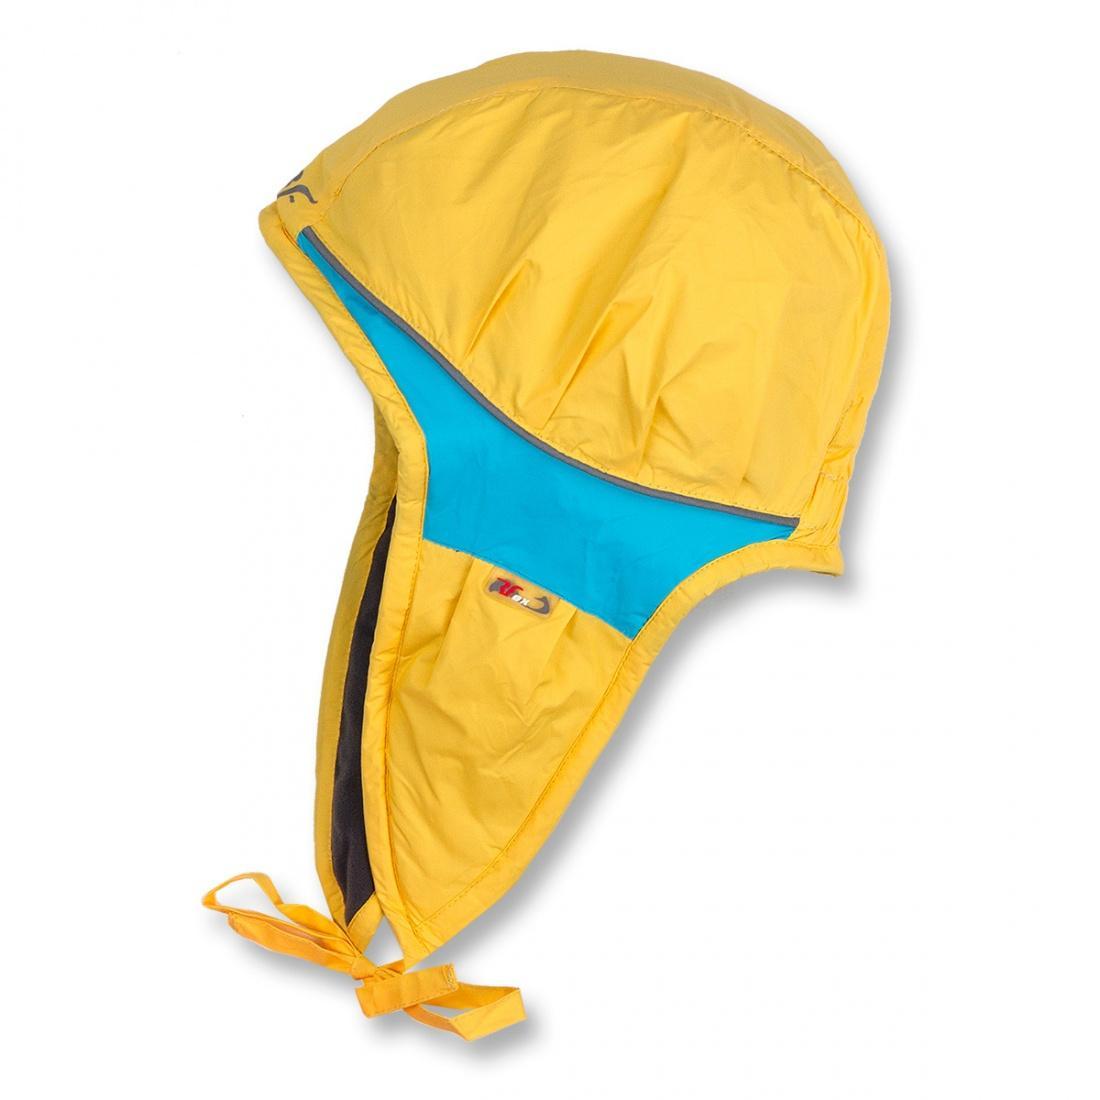 Шапка детская TressУшанки<br><br> Яркая контрастная шапочка прекрасно выделяет ребенка из толпы.<br><br> <br><br><br><br> Основной материал – Dry Factor 1000.<br><br> <br><br><br> Утеплитель – Omniterm Classic.<br><br> <br><br><br> Для детей от 1 до...<br><br>Цвет: Бирюзовый<br>Размер: M